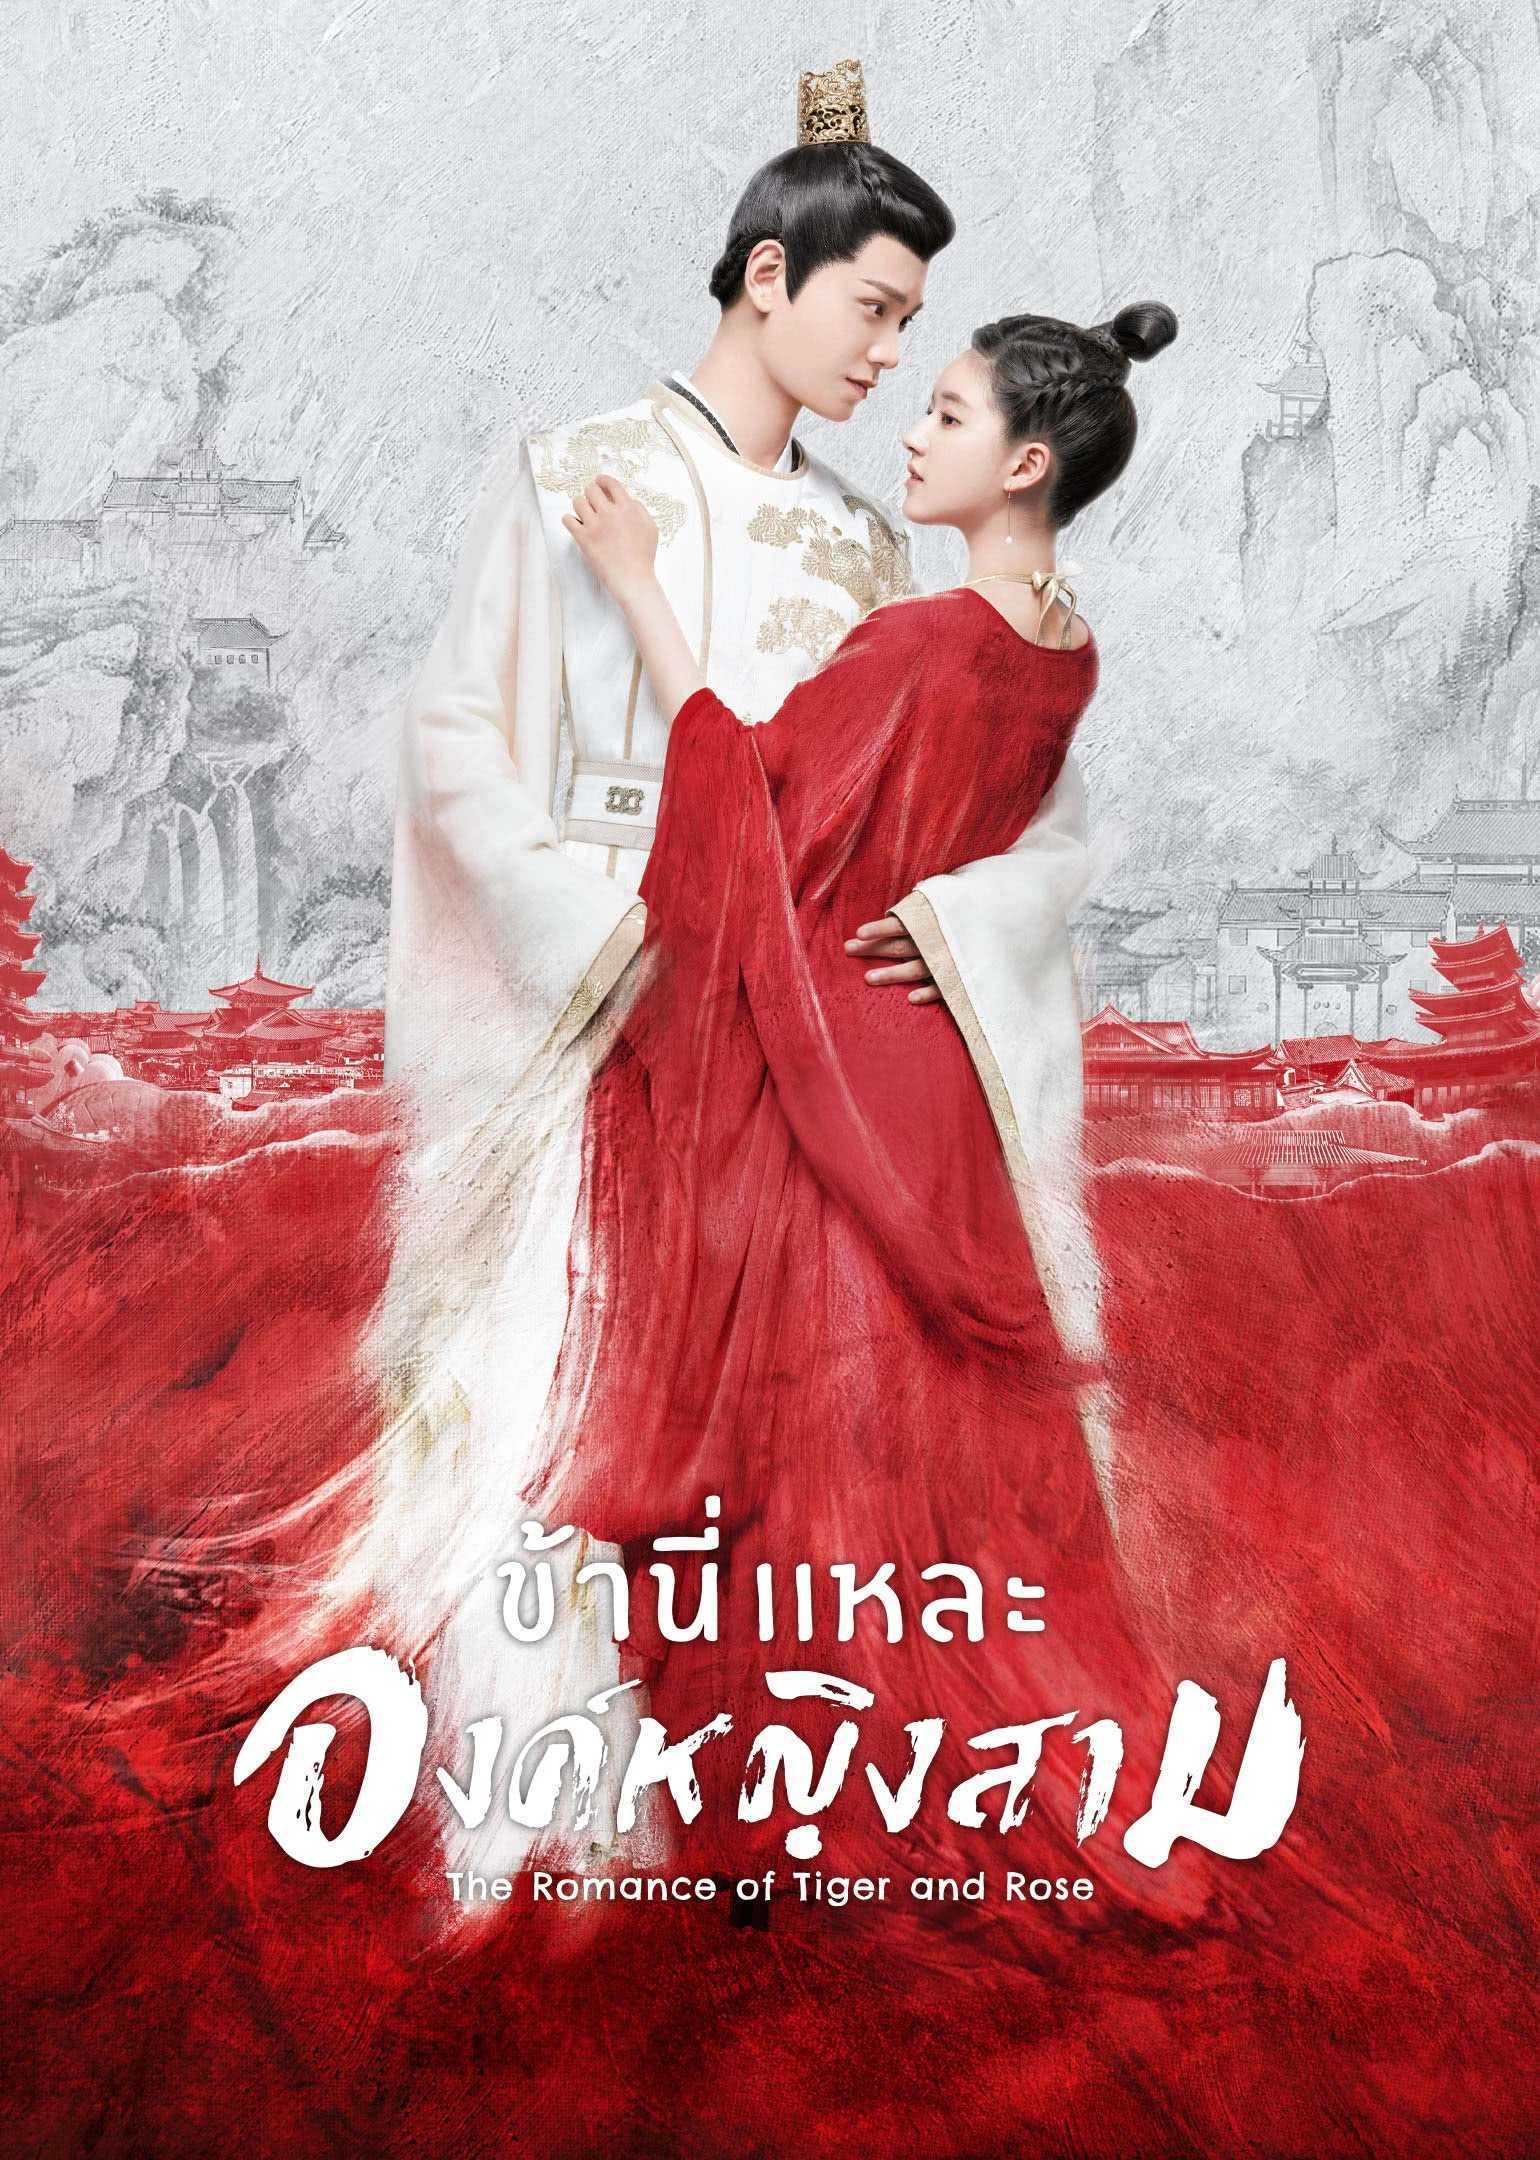 ข้านี่เเหละองค์หญิงสาม-the-romance-of-tiger-and-rose-ตอนที่-1-24-พากย์ไทย-จบ-